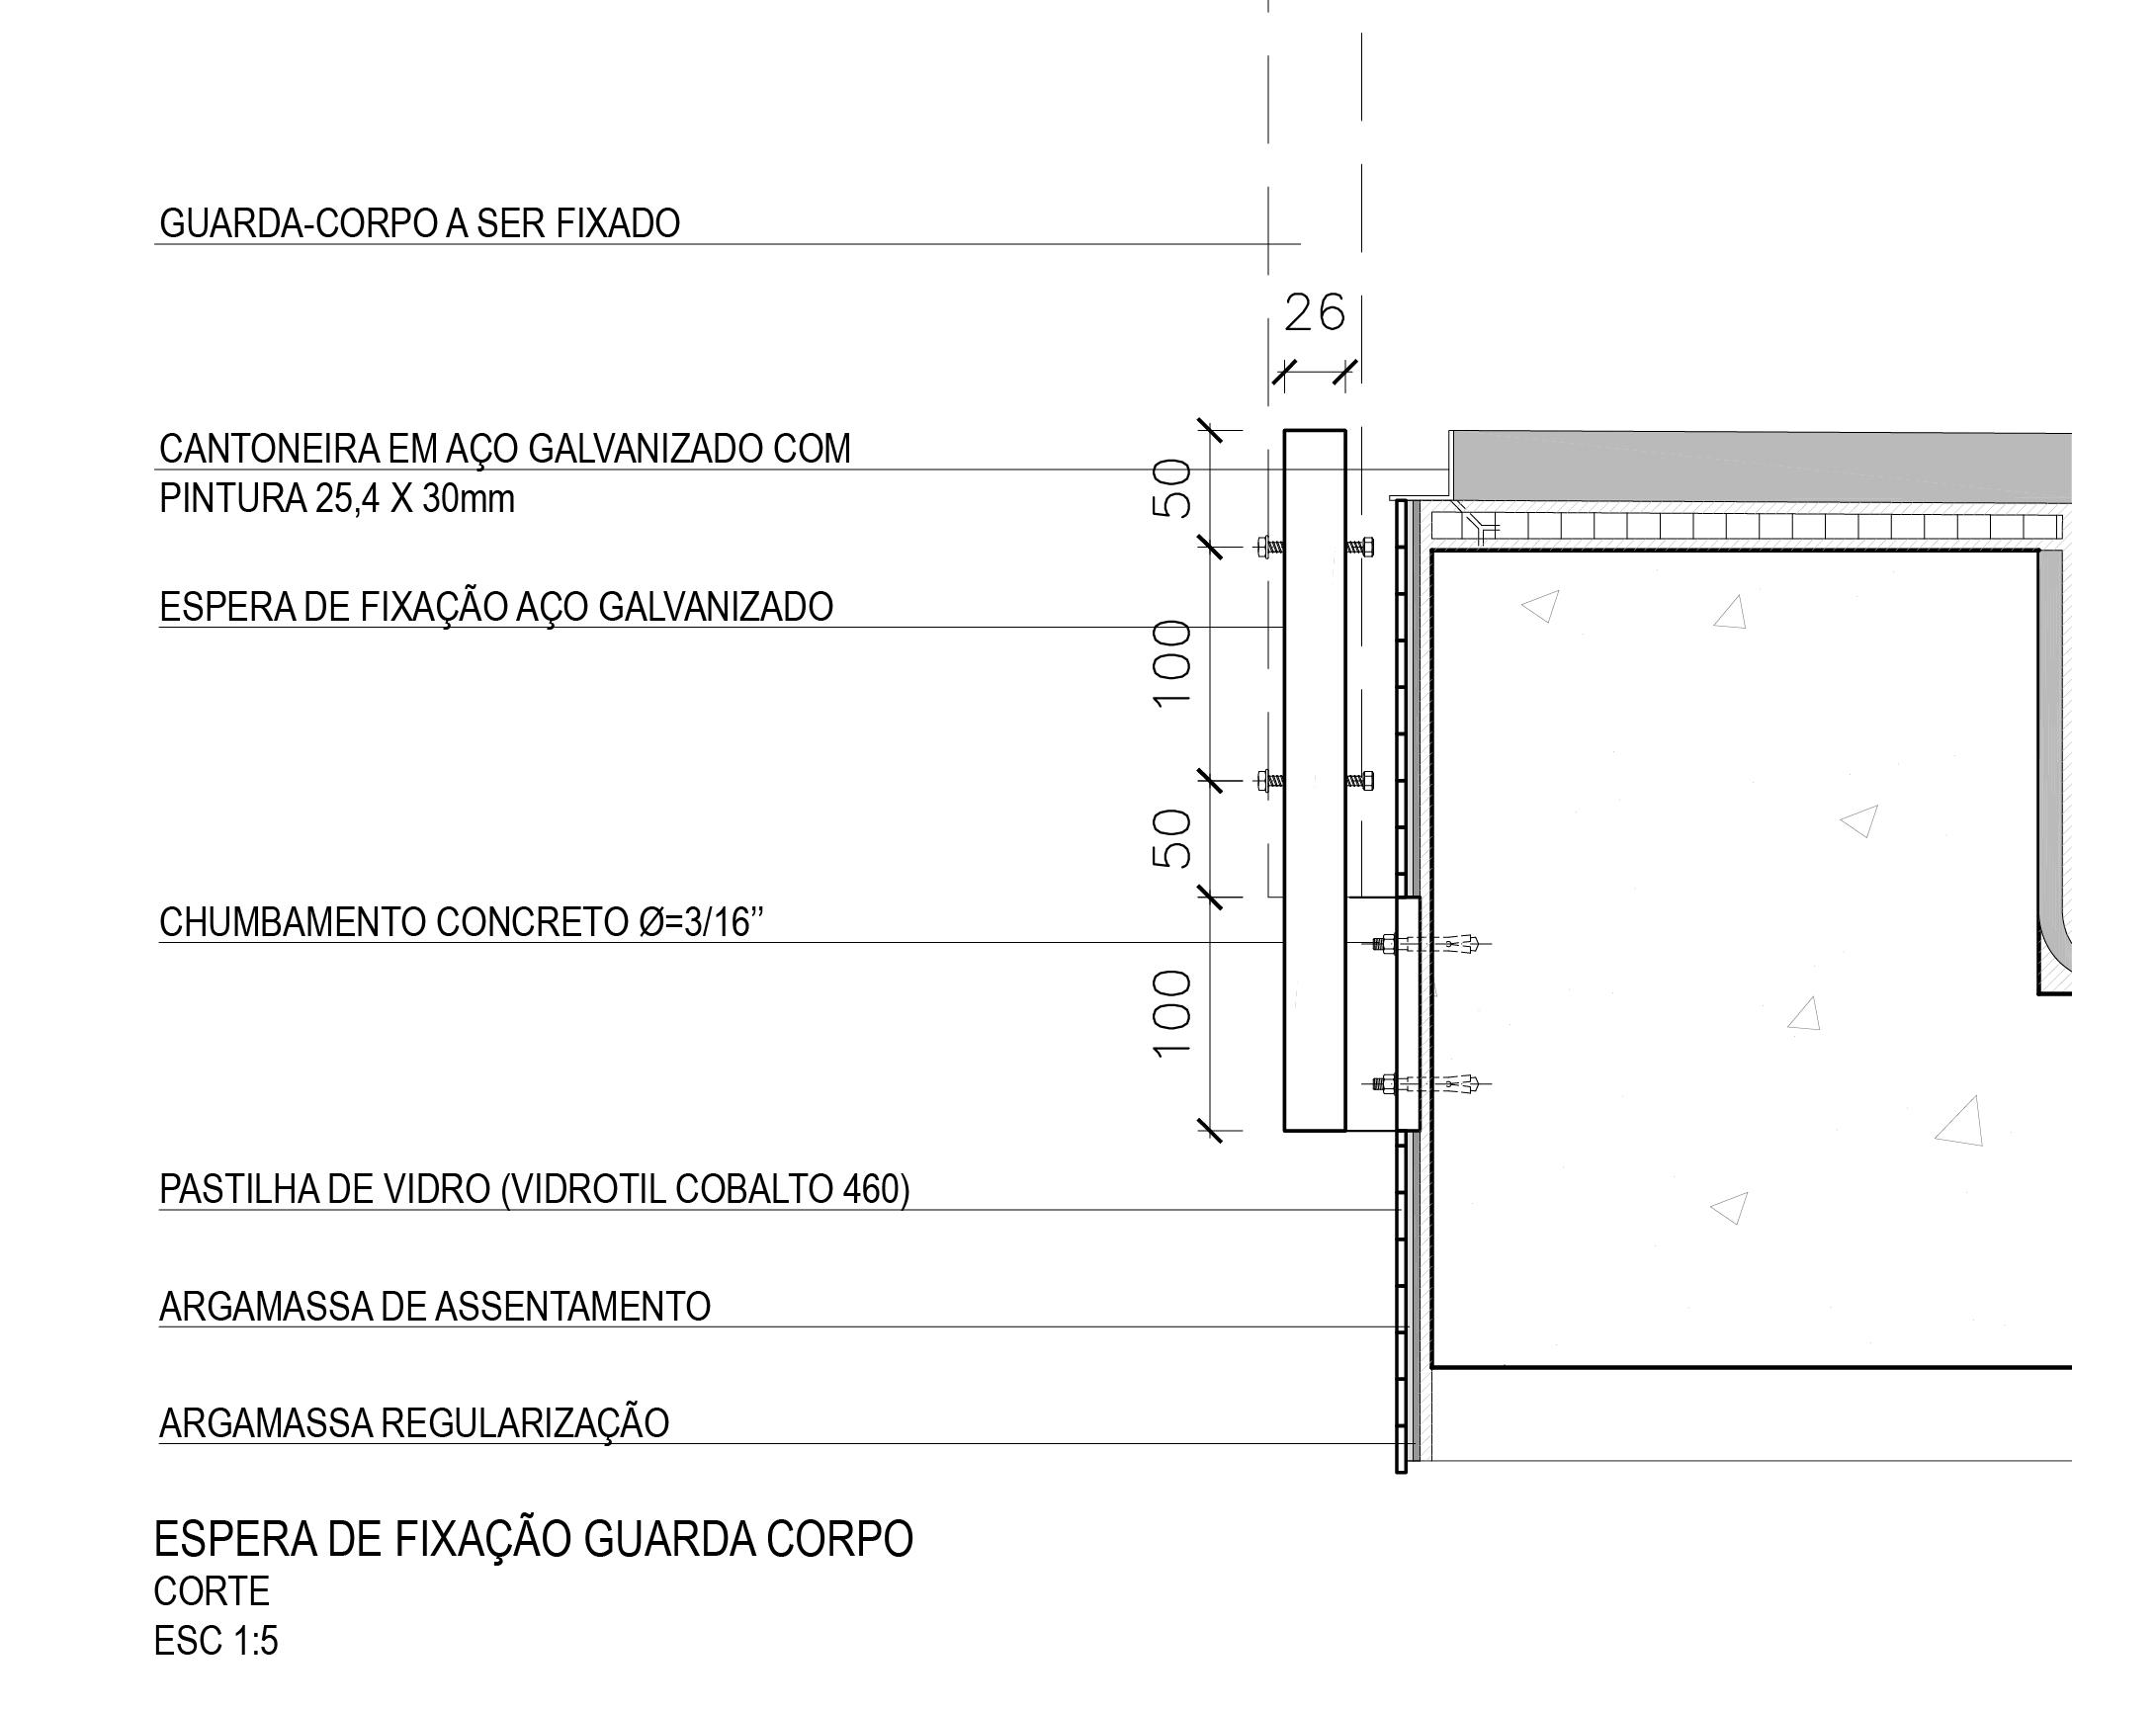 Fig.6. Detalhe da fixação do guarda-corpo (fonte: acervo Metrópole Arquitetos)